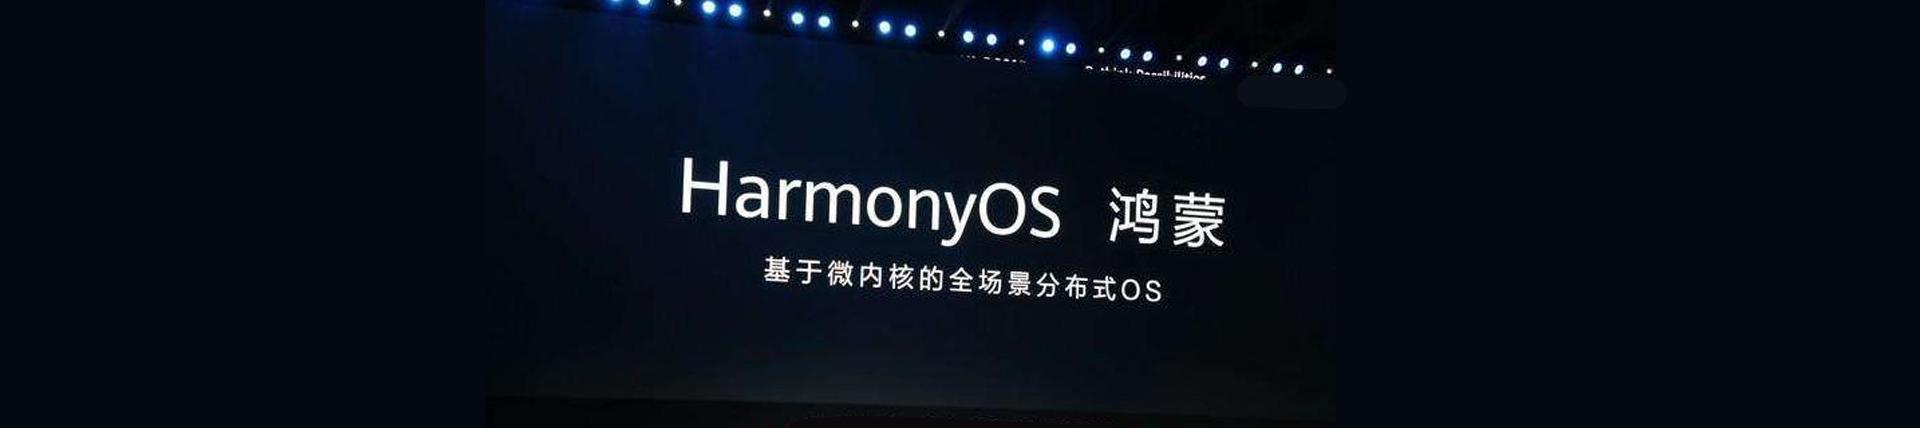 华为收购Harmonyos.com?其它域名都在谁手上?